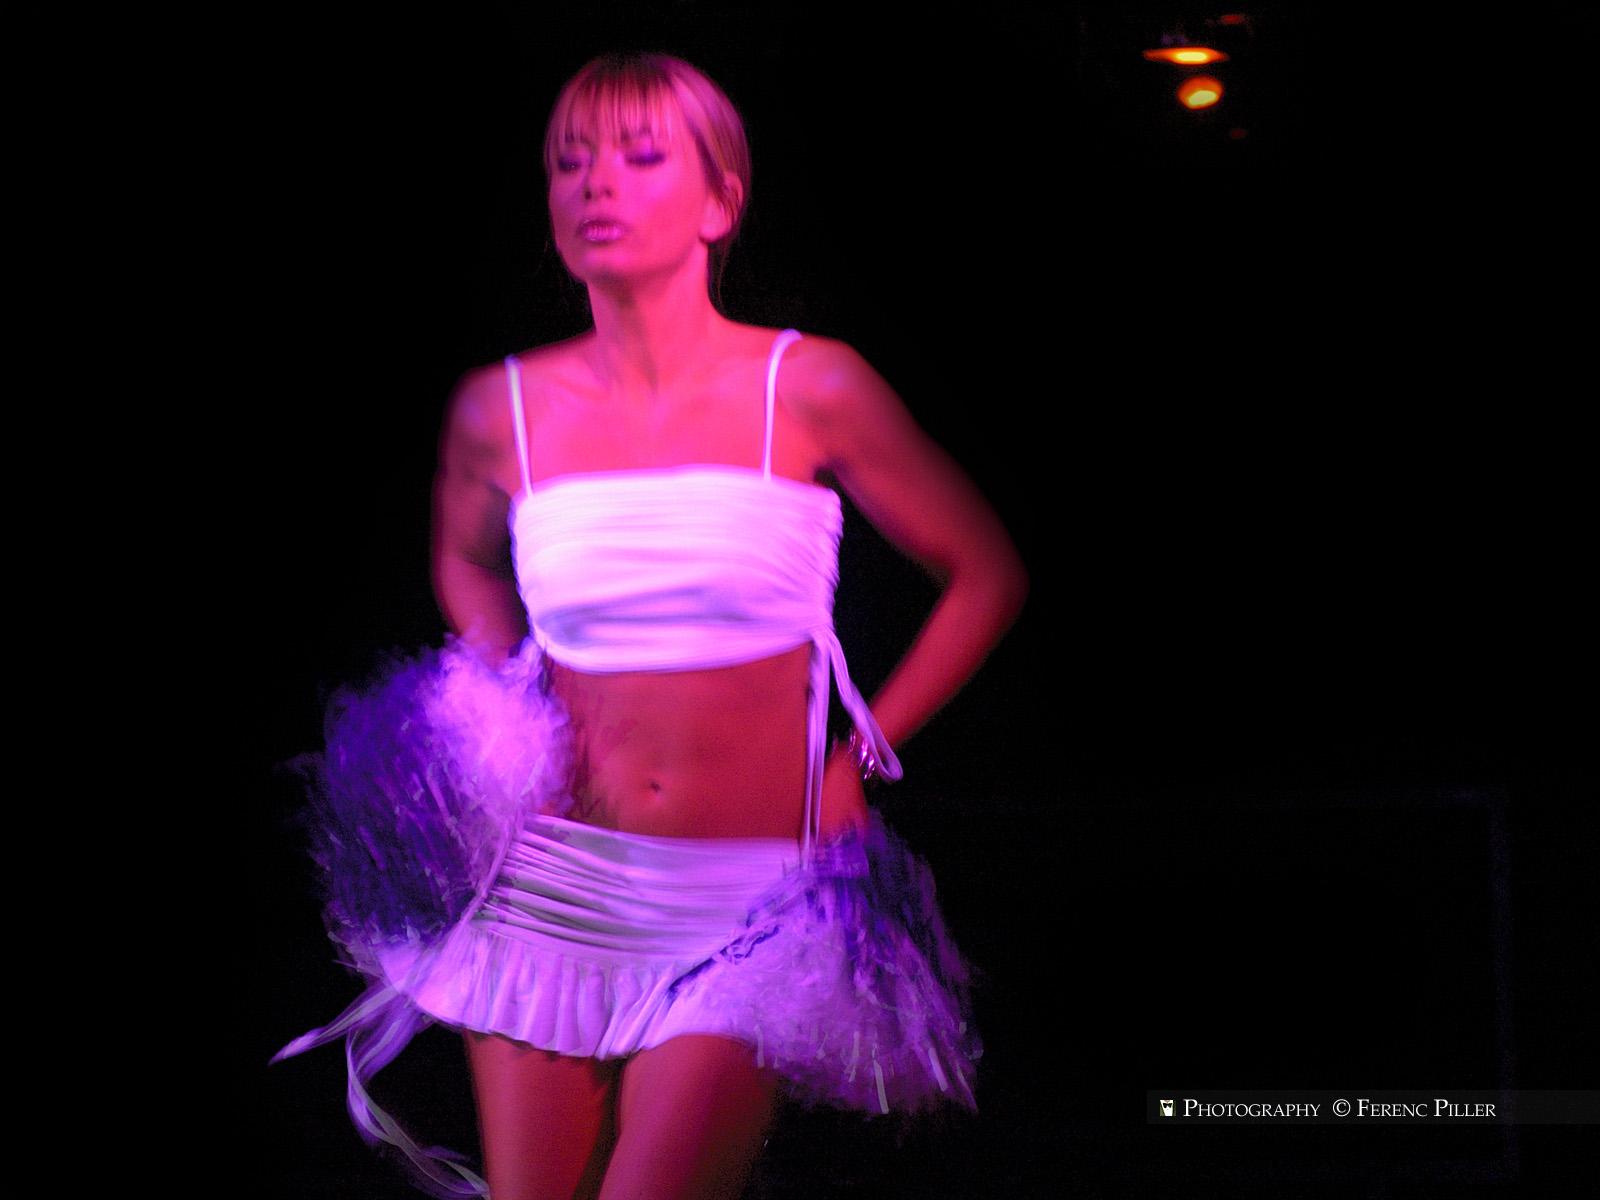 Wallpaper Cheerleader Erotikshow Erotikmesse Mnchen 095 1600x1200 1600x1200